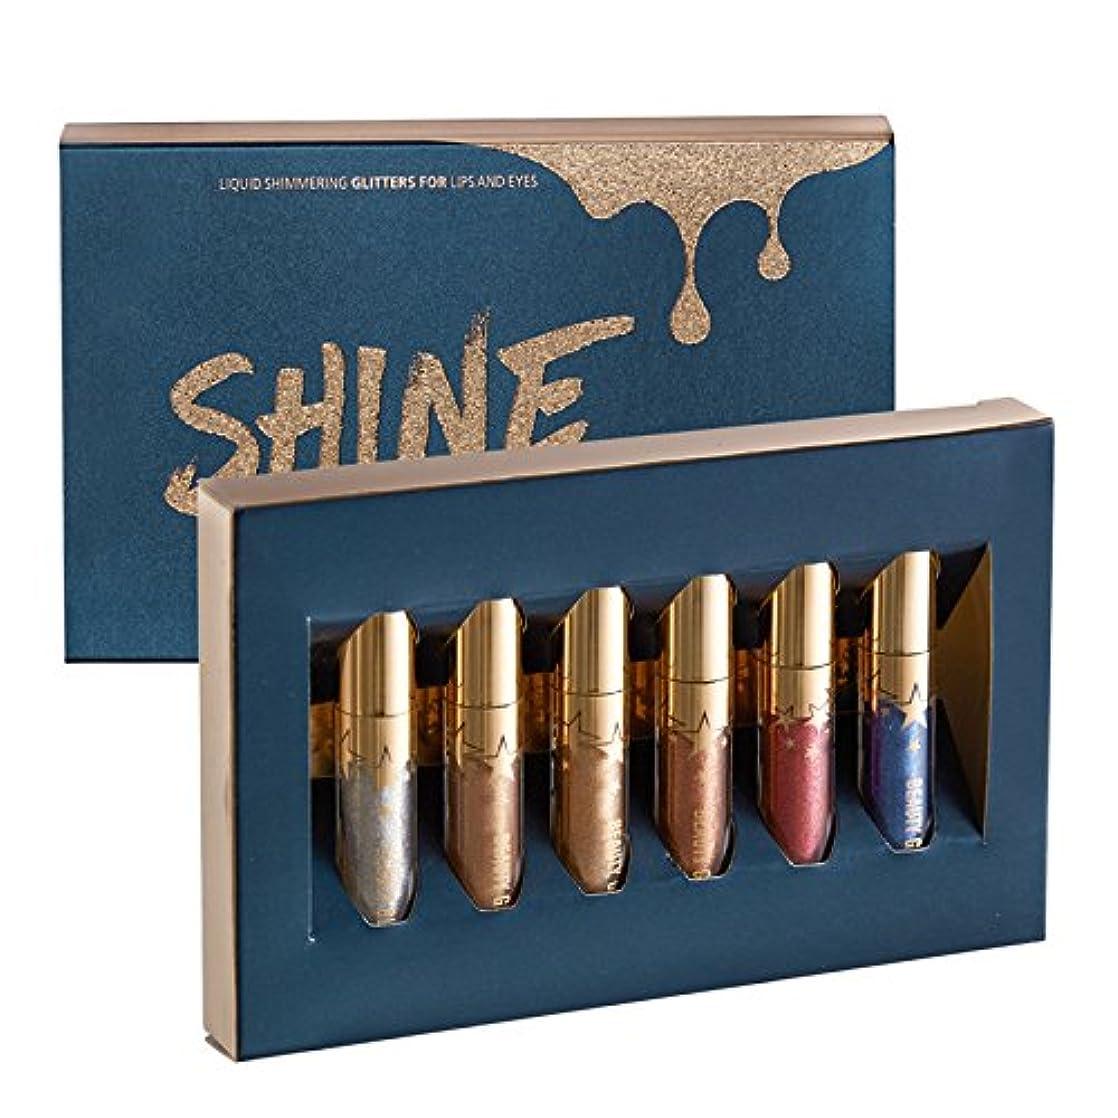 精査する死にかけている責めるShineStyle Beauty Glazed 6Pcs/Lot Shime Shine Metallic Liquid Lip Gloss Lime Lip Stick Lipgloss Lipstick Makeup Best Selling 2018 Product